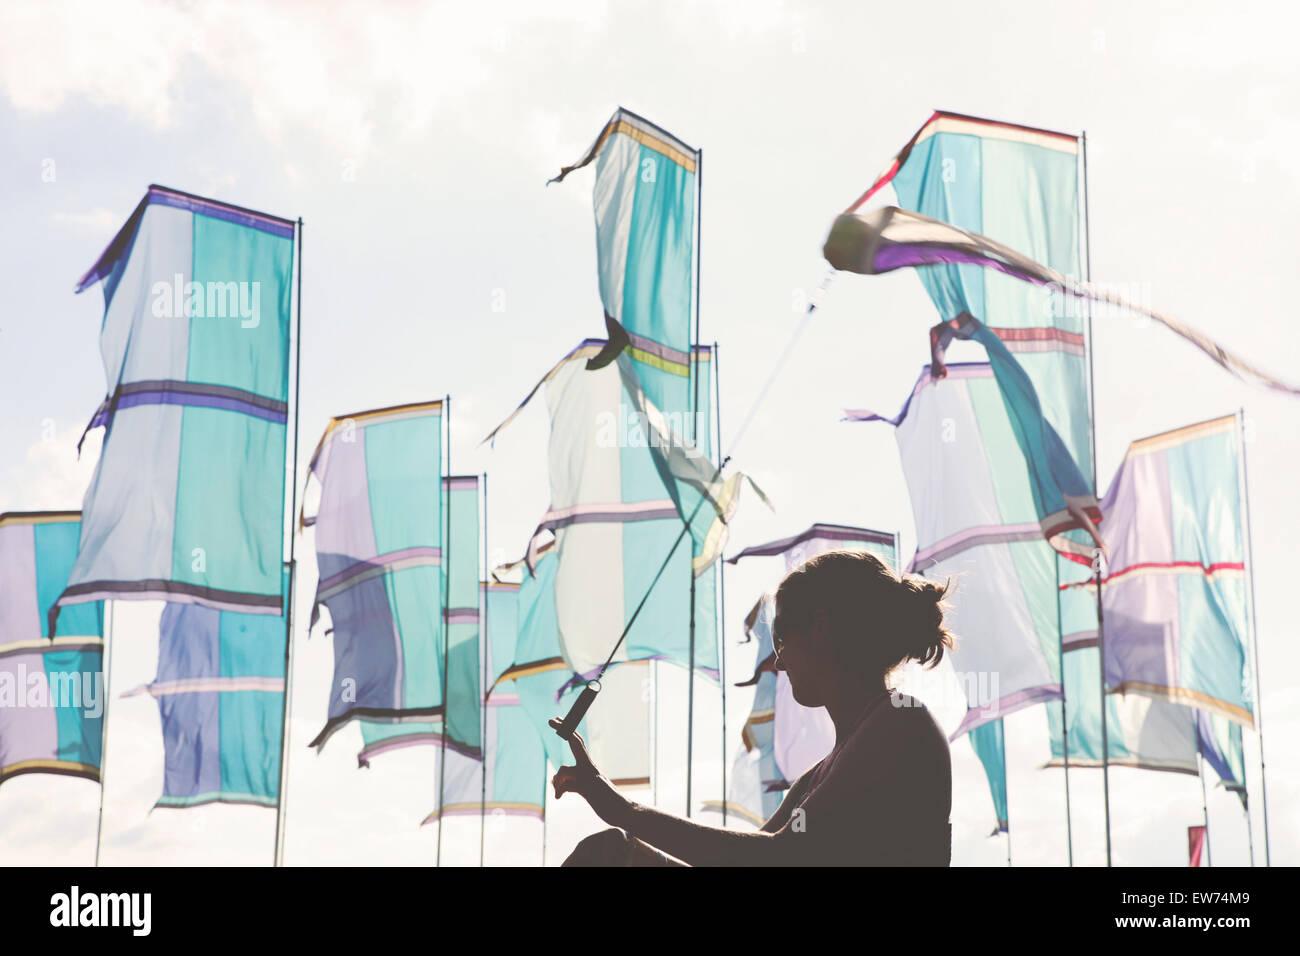 Banderas y silueta de chica bailando en el festival de música de verano Imagen De Stock